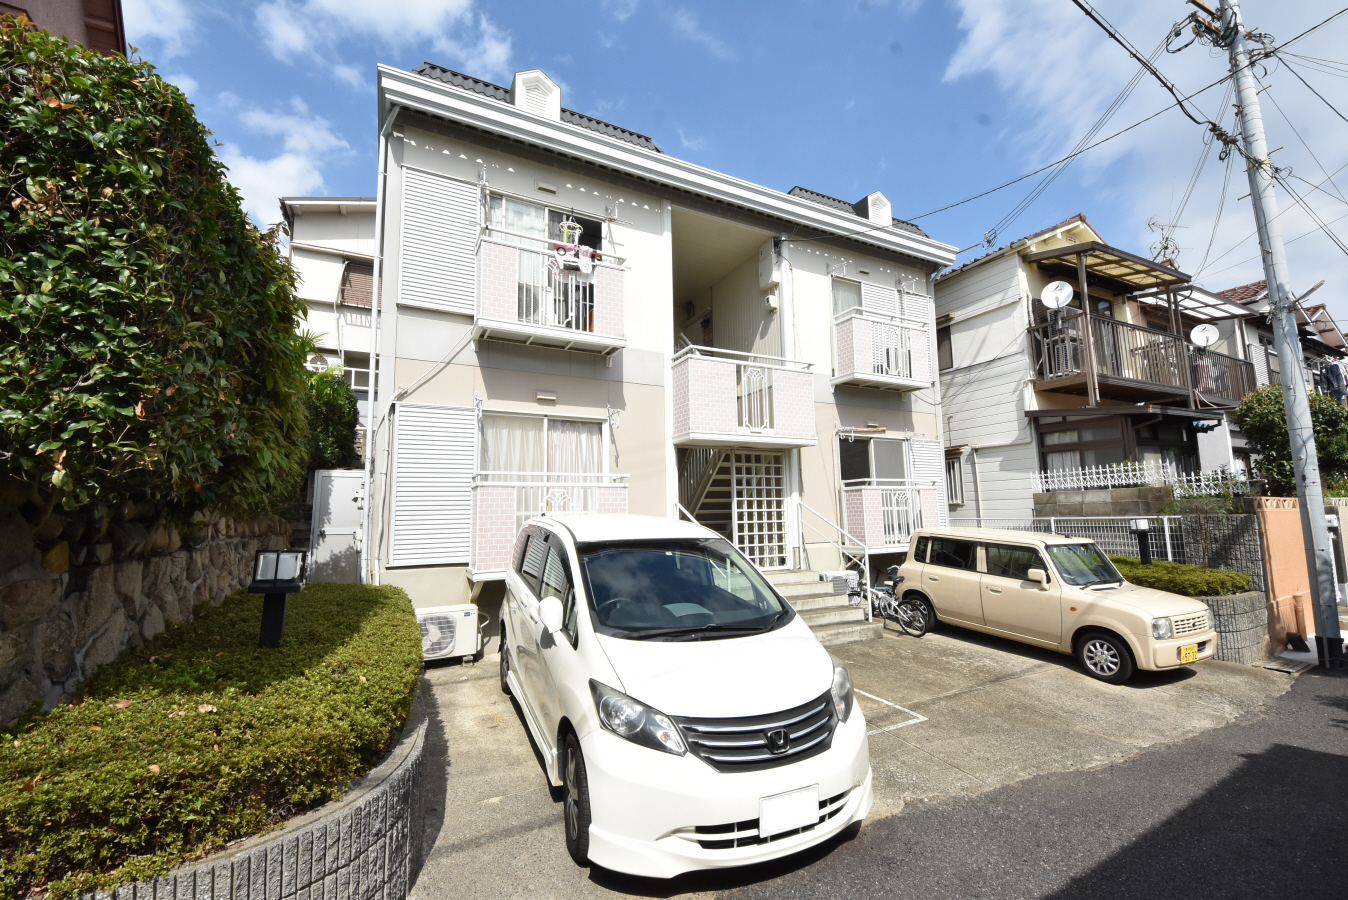 物件番号: 1025884074 六甲シティハイツ  神戸市灘区赤坂通2丁目 1DK ハイツ 外観画像